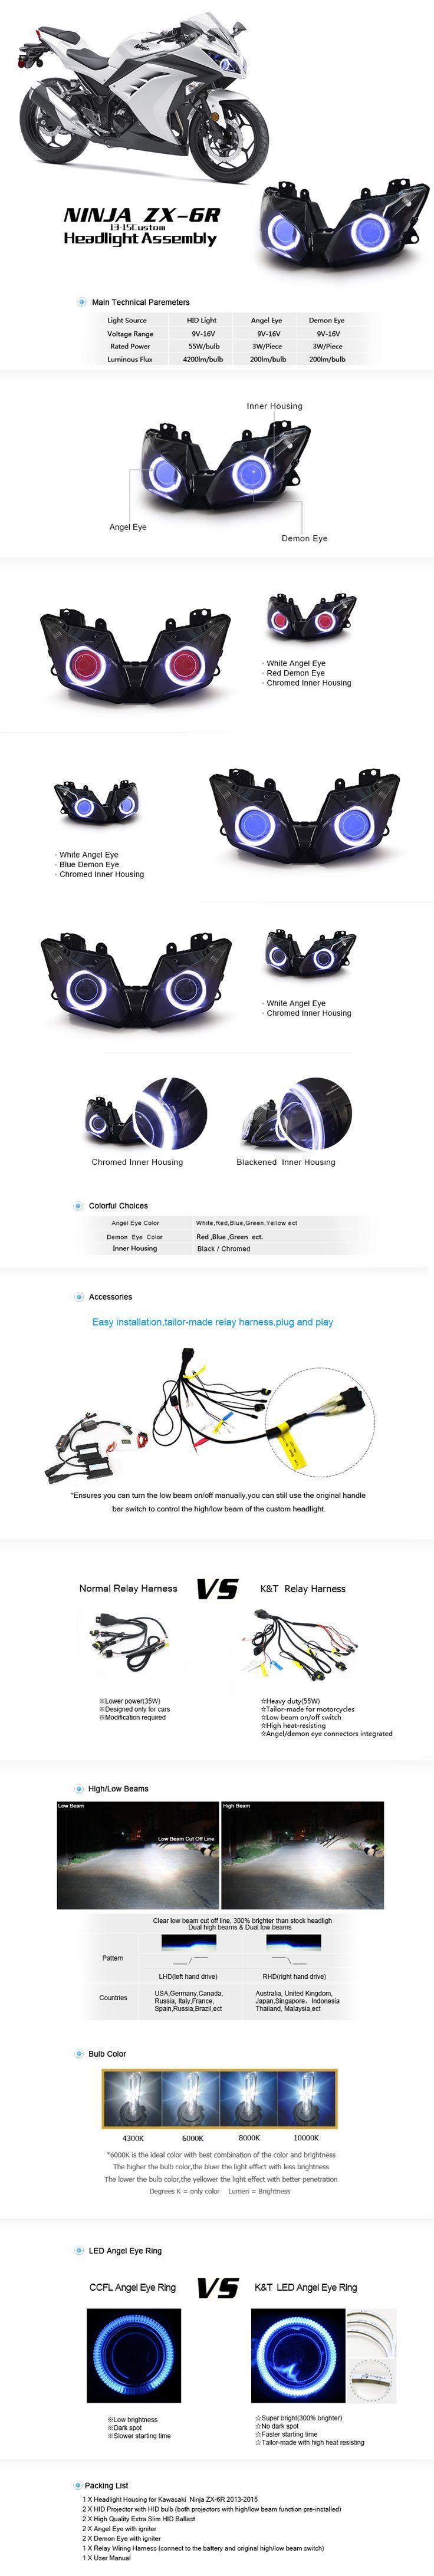 Kawasaki Ninja ZX-6R 636 Hid Projector Led Custom Headlight 2013-2015